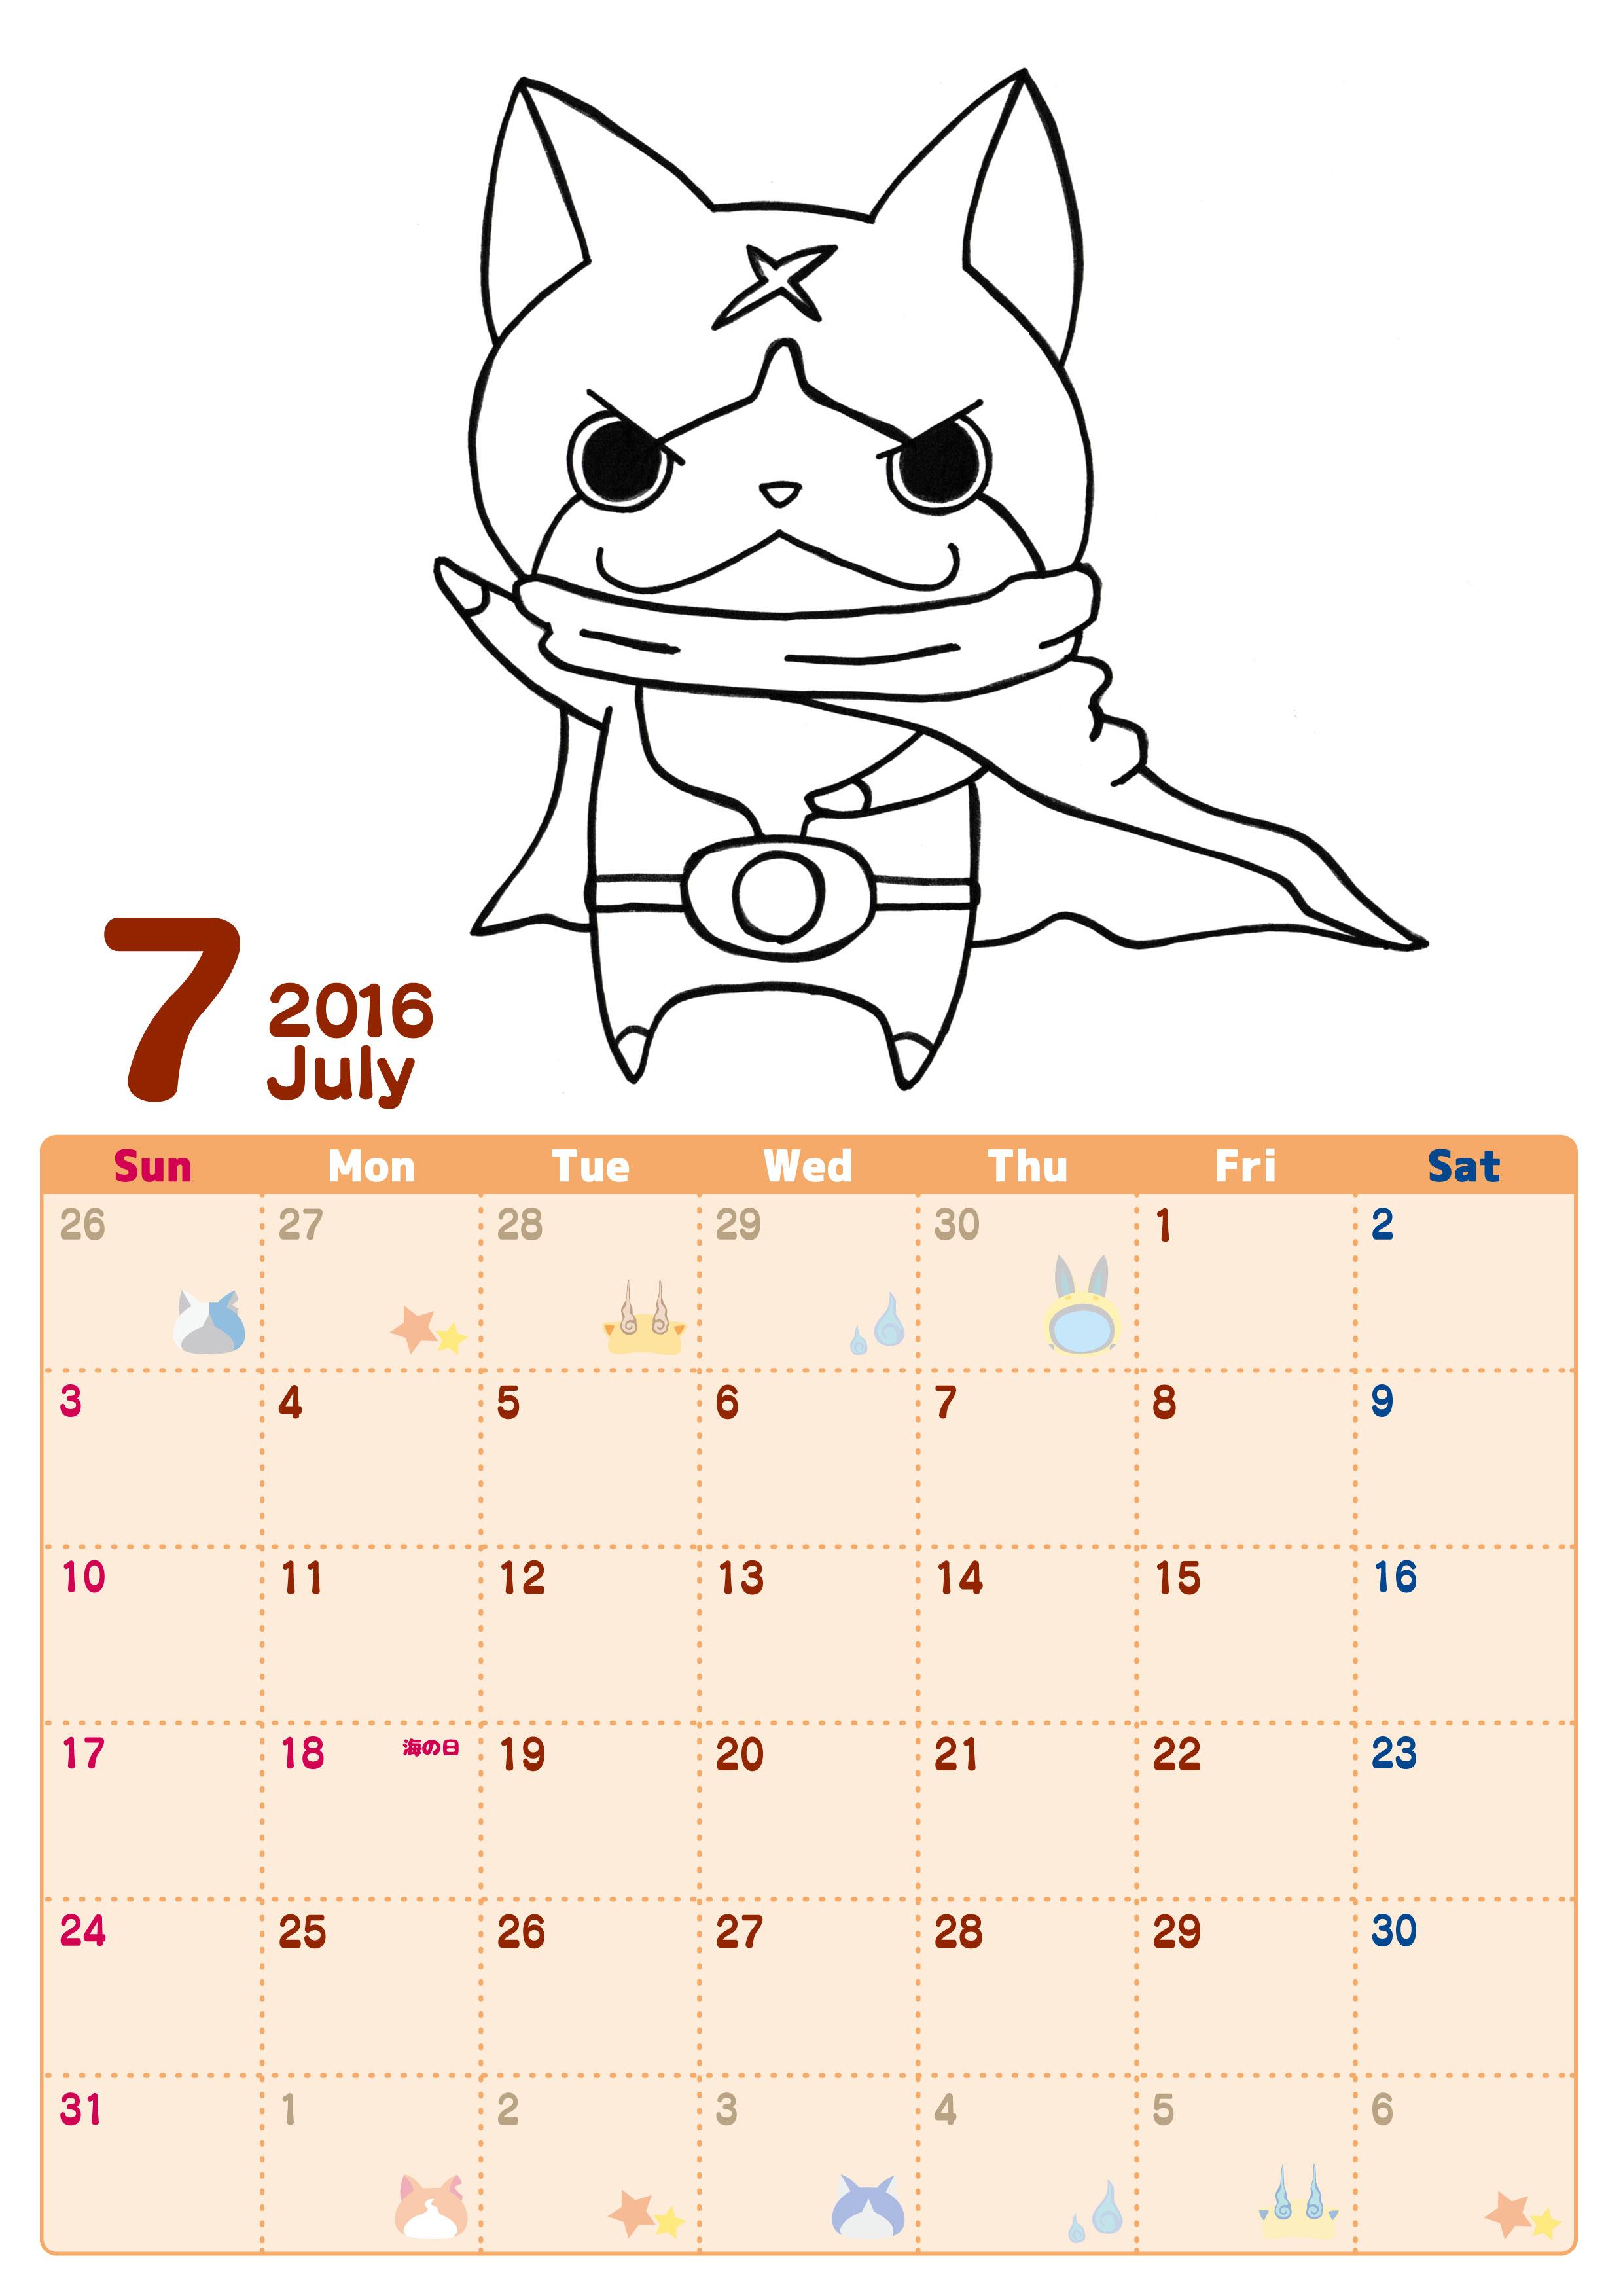 カレンダー 2015年カレンダー 印刷用 : ... 2016年 ぬりえ カレンダー 7月